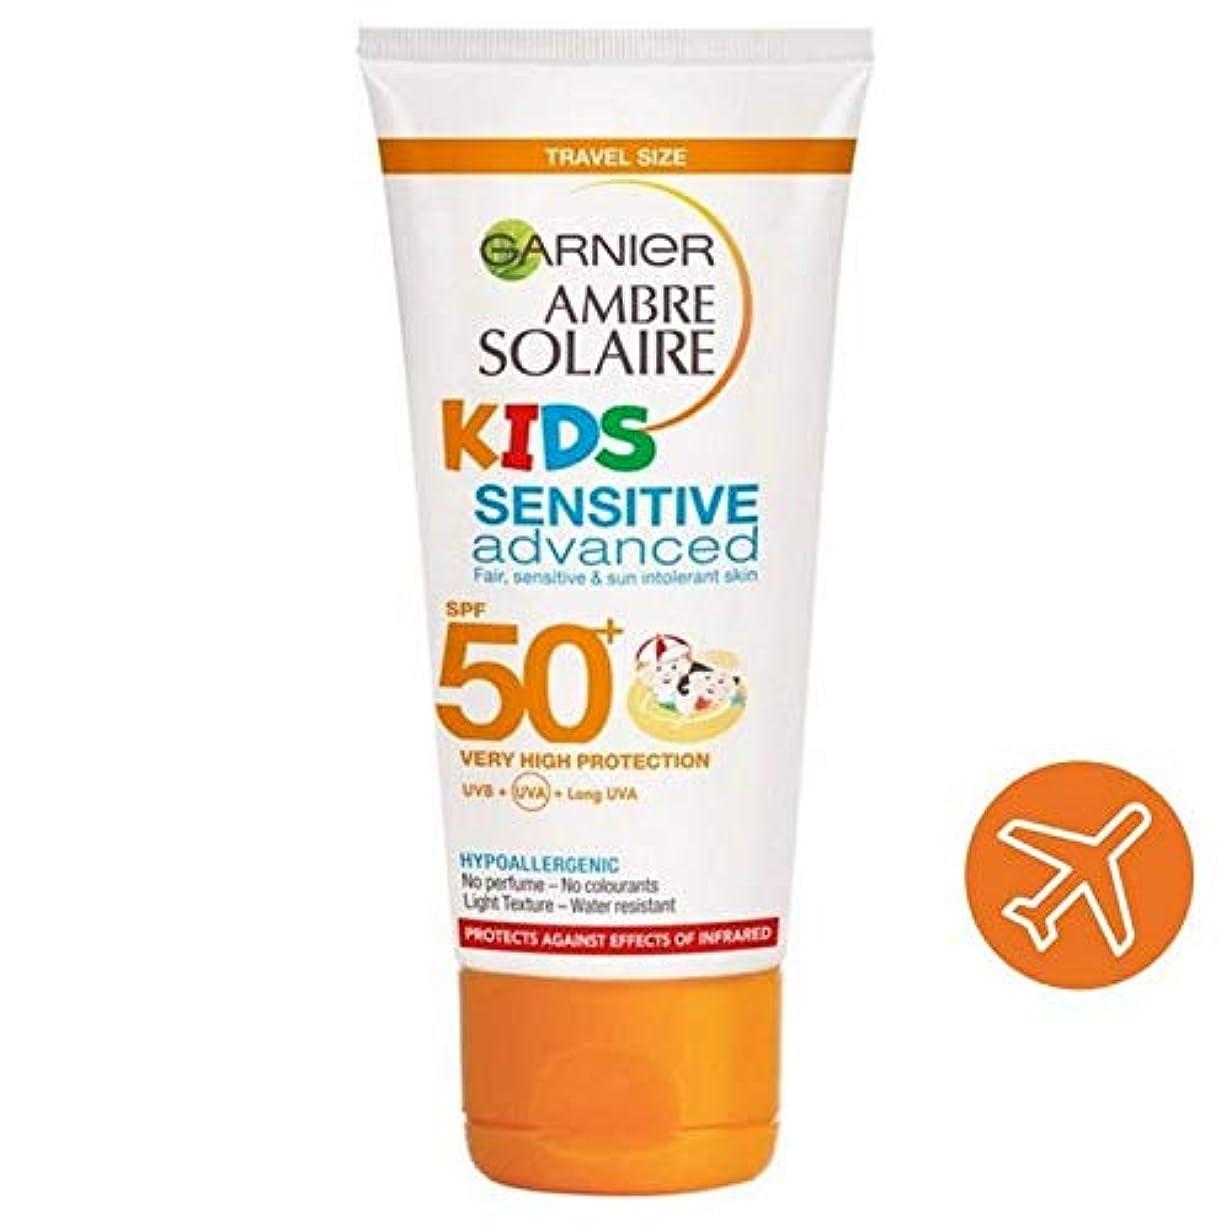 気候ポーチリーン[Garnier ] アンブレSolaire子供敏感サンクリームSpf50 + 50ミリリットル - Ambre Solaire Kids Sensitive Sun Cream SPF50+ 50ml [並行輸入品]